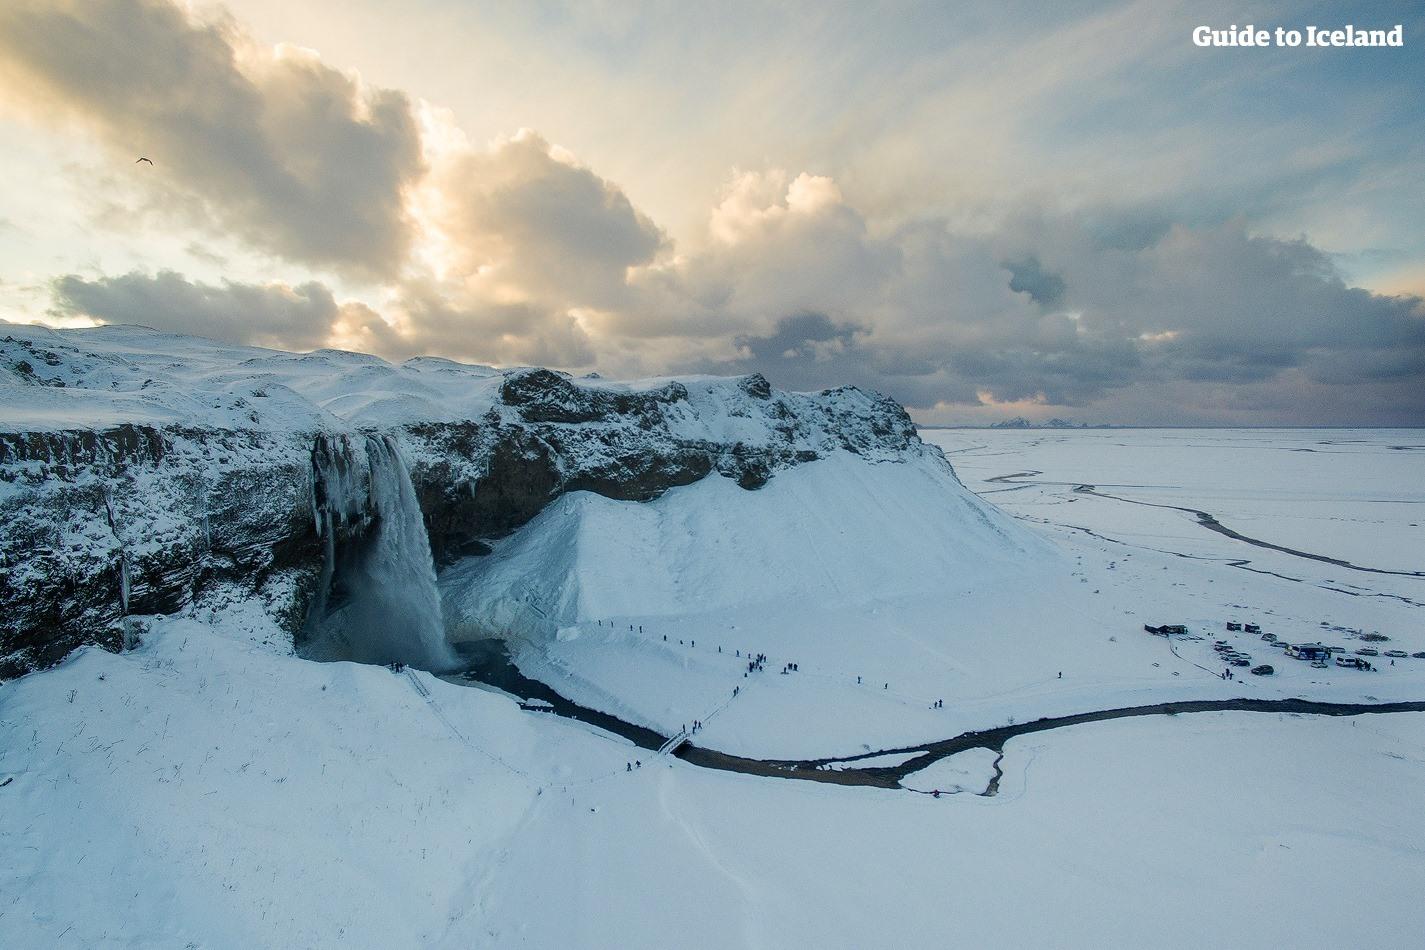 冬季的冰岛南岸,塞里雅兰瀑布披上了厚厚的白雪